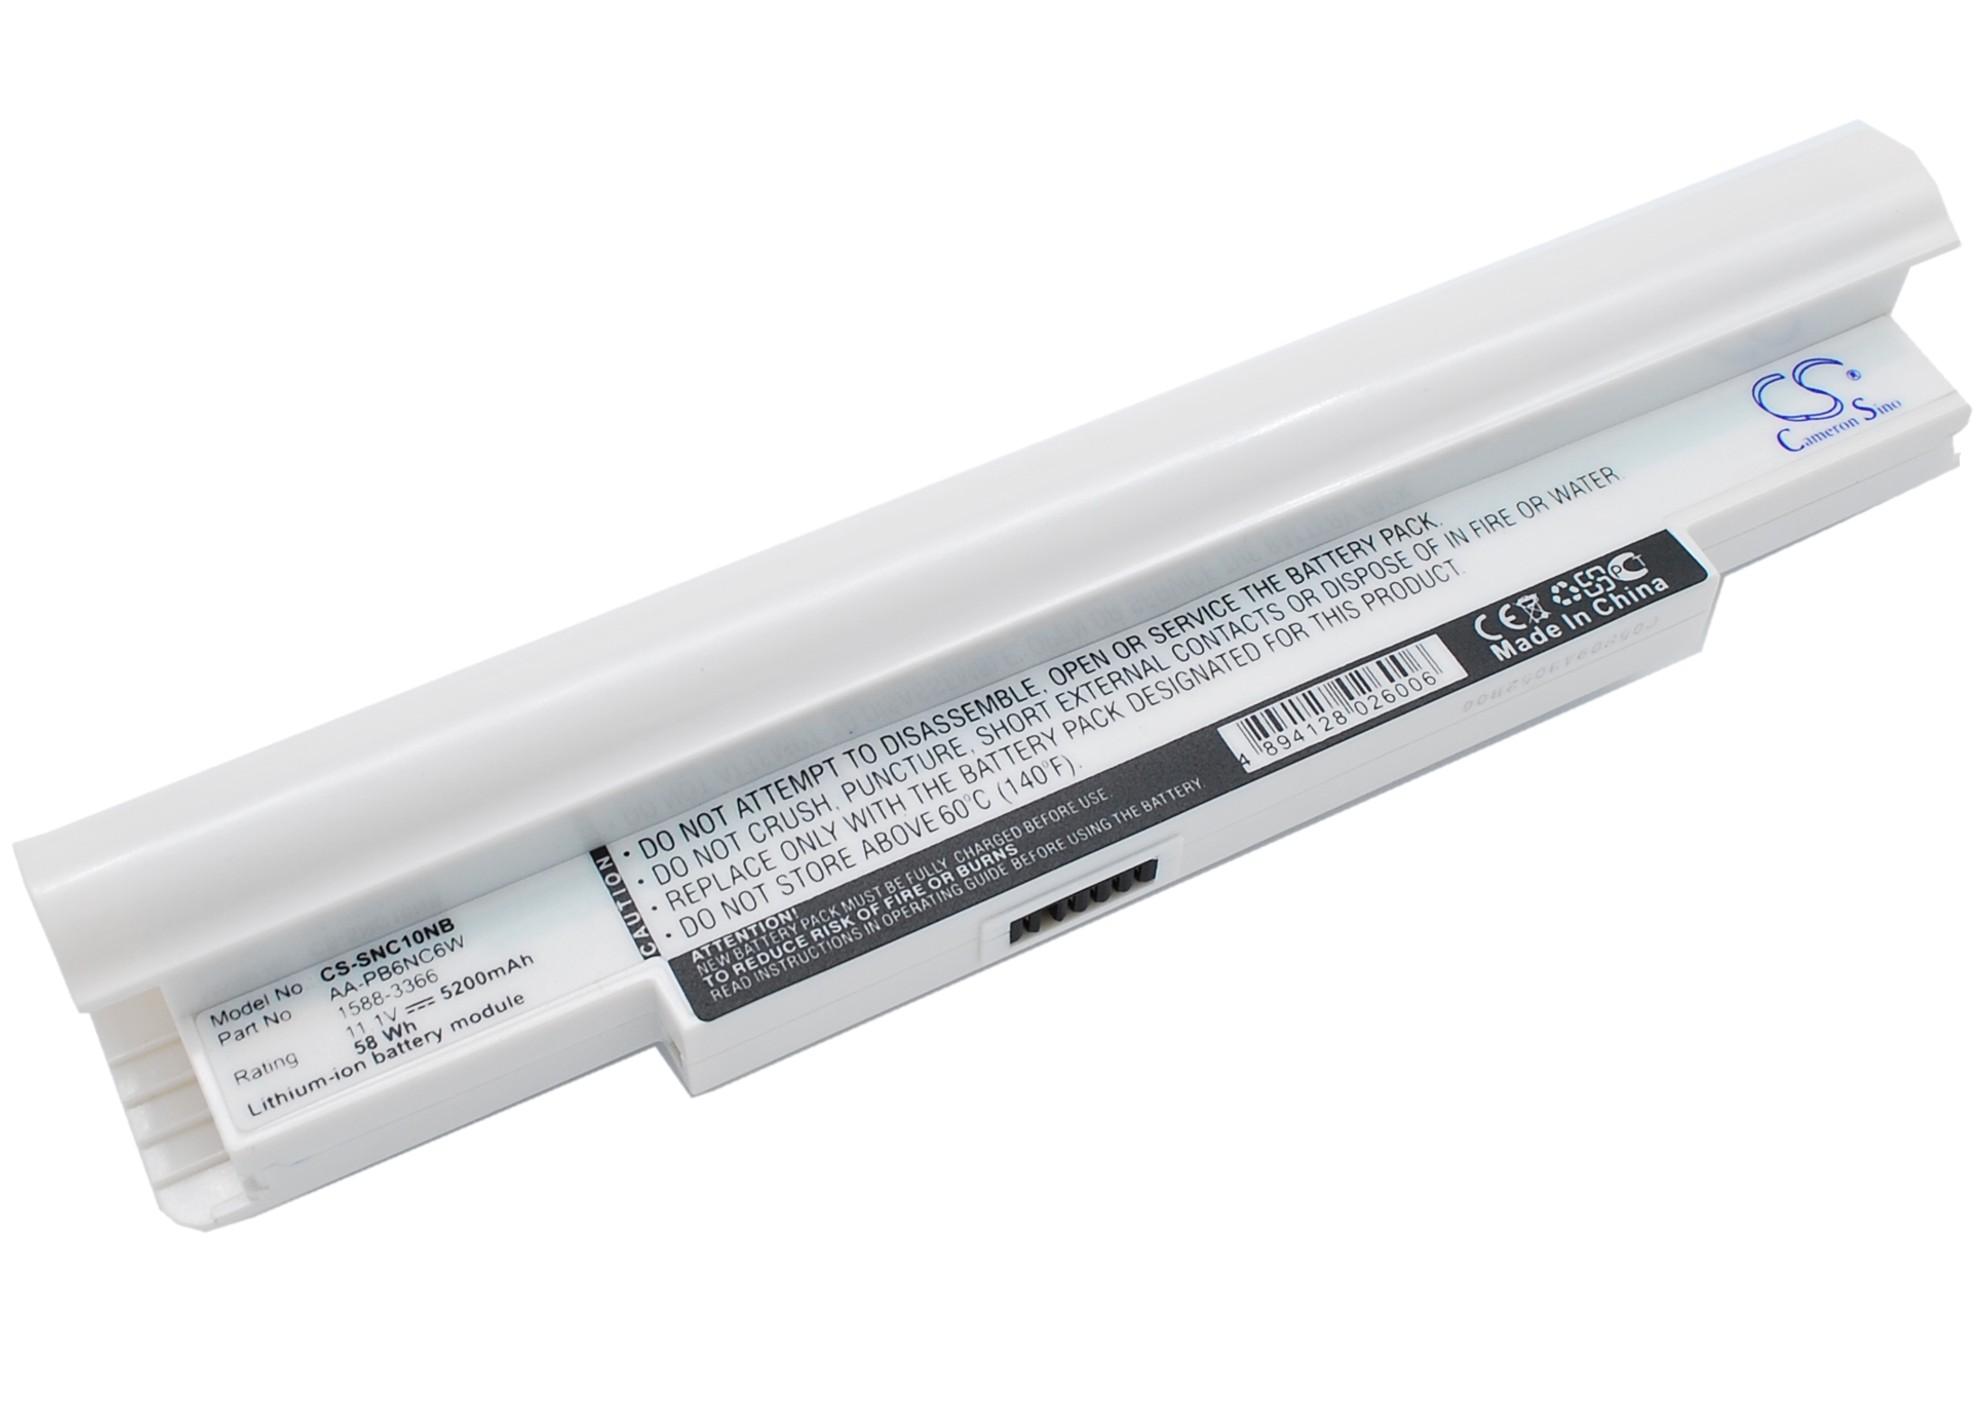 Cameron Sino baterie do notebooků pro SAMSUNG NP-NC20-anyNet U2250WBT 11.1V Li-ion 5200mAh bílá - neoriginální